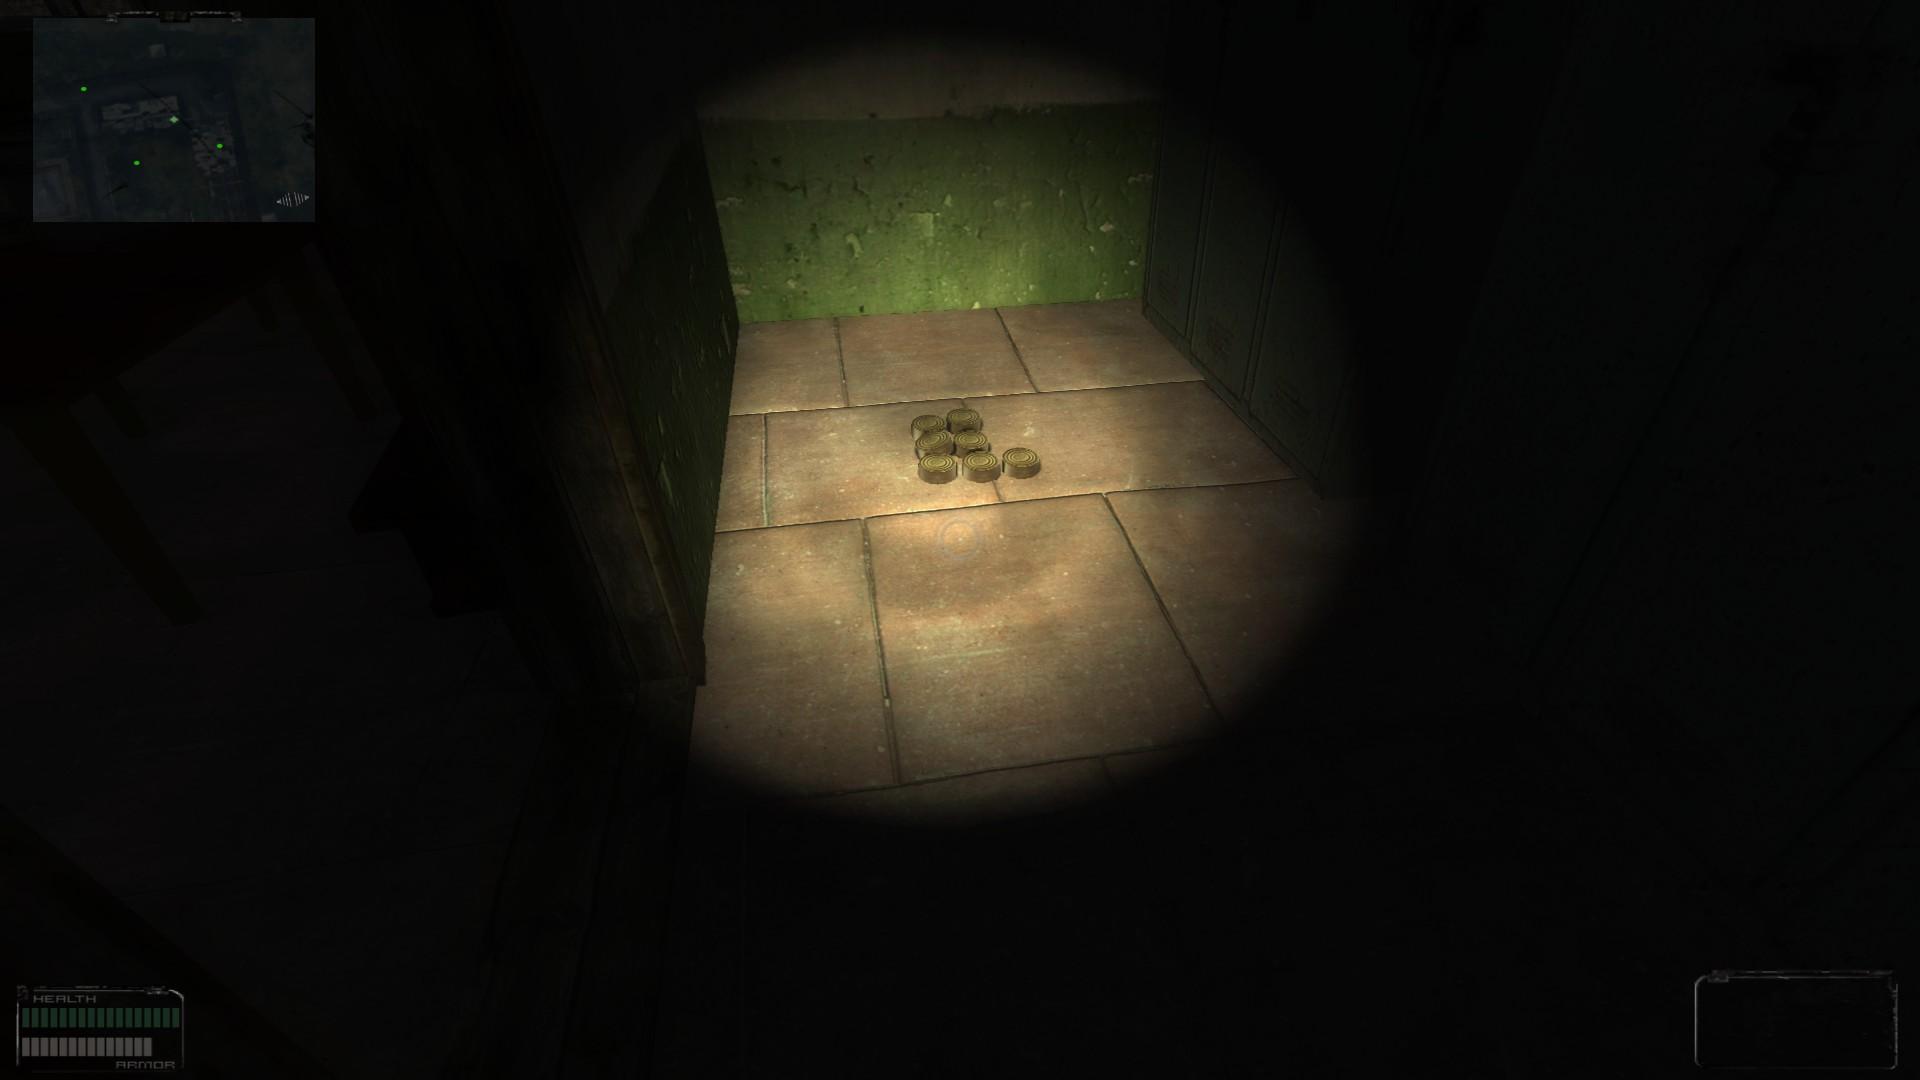 Oblivion Lost Remake 2.5 image 382